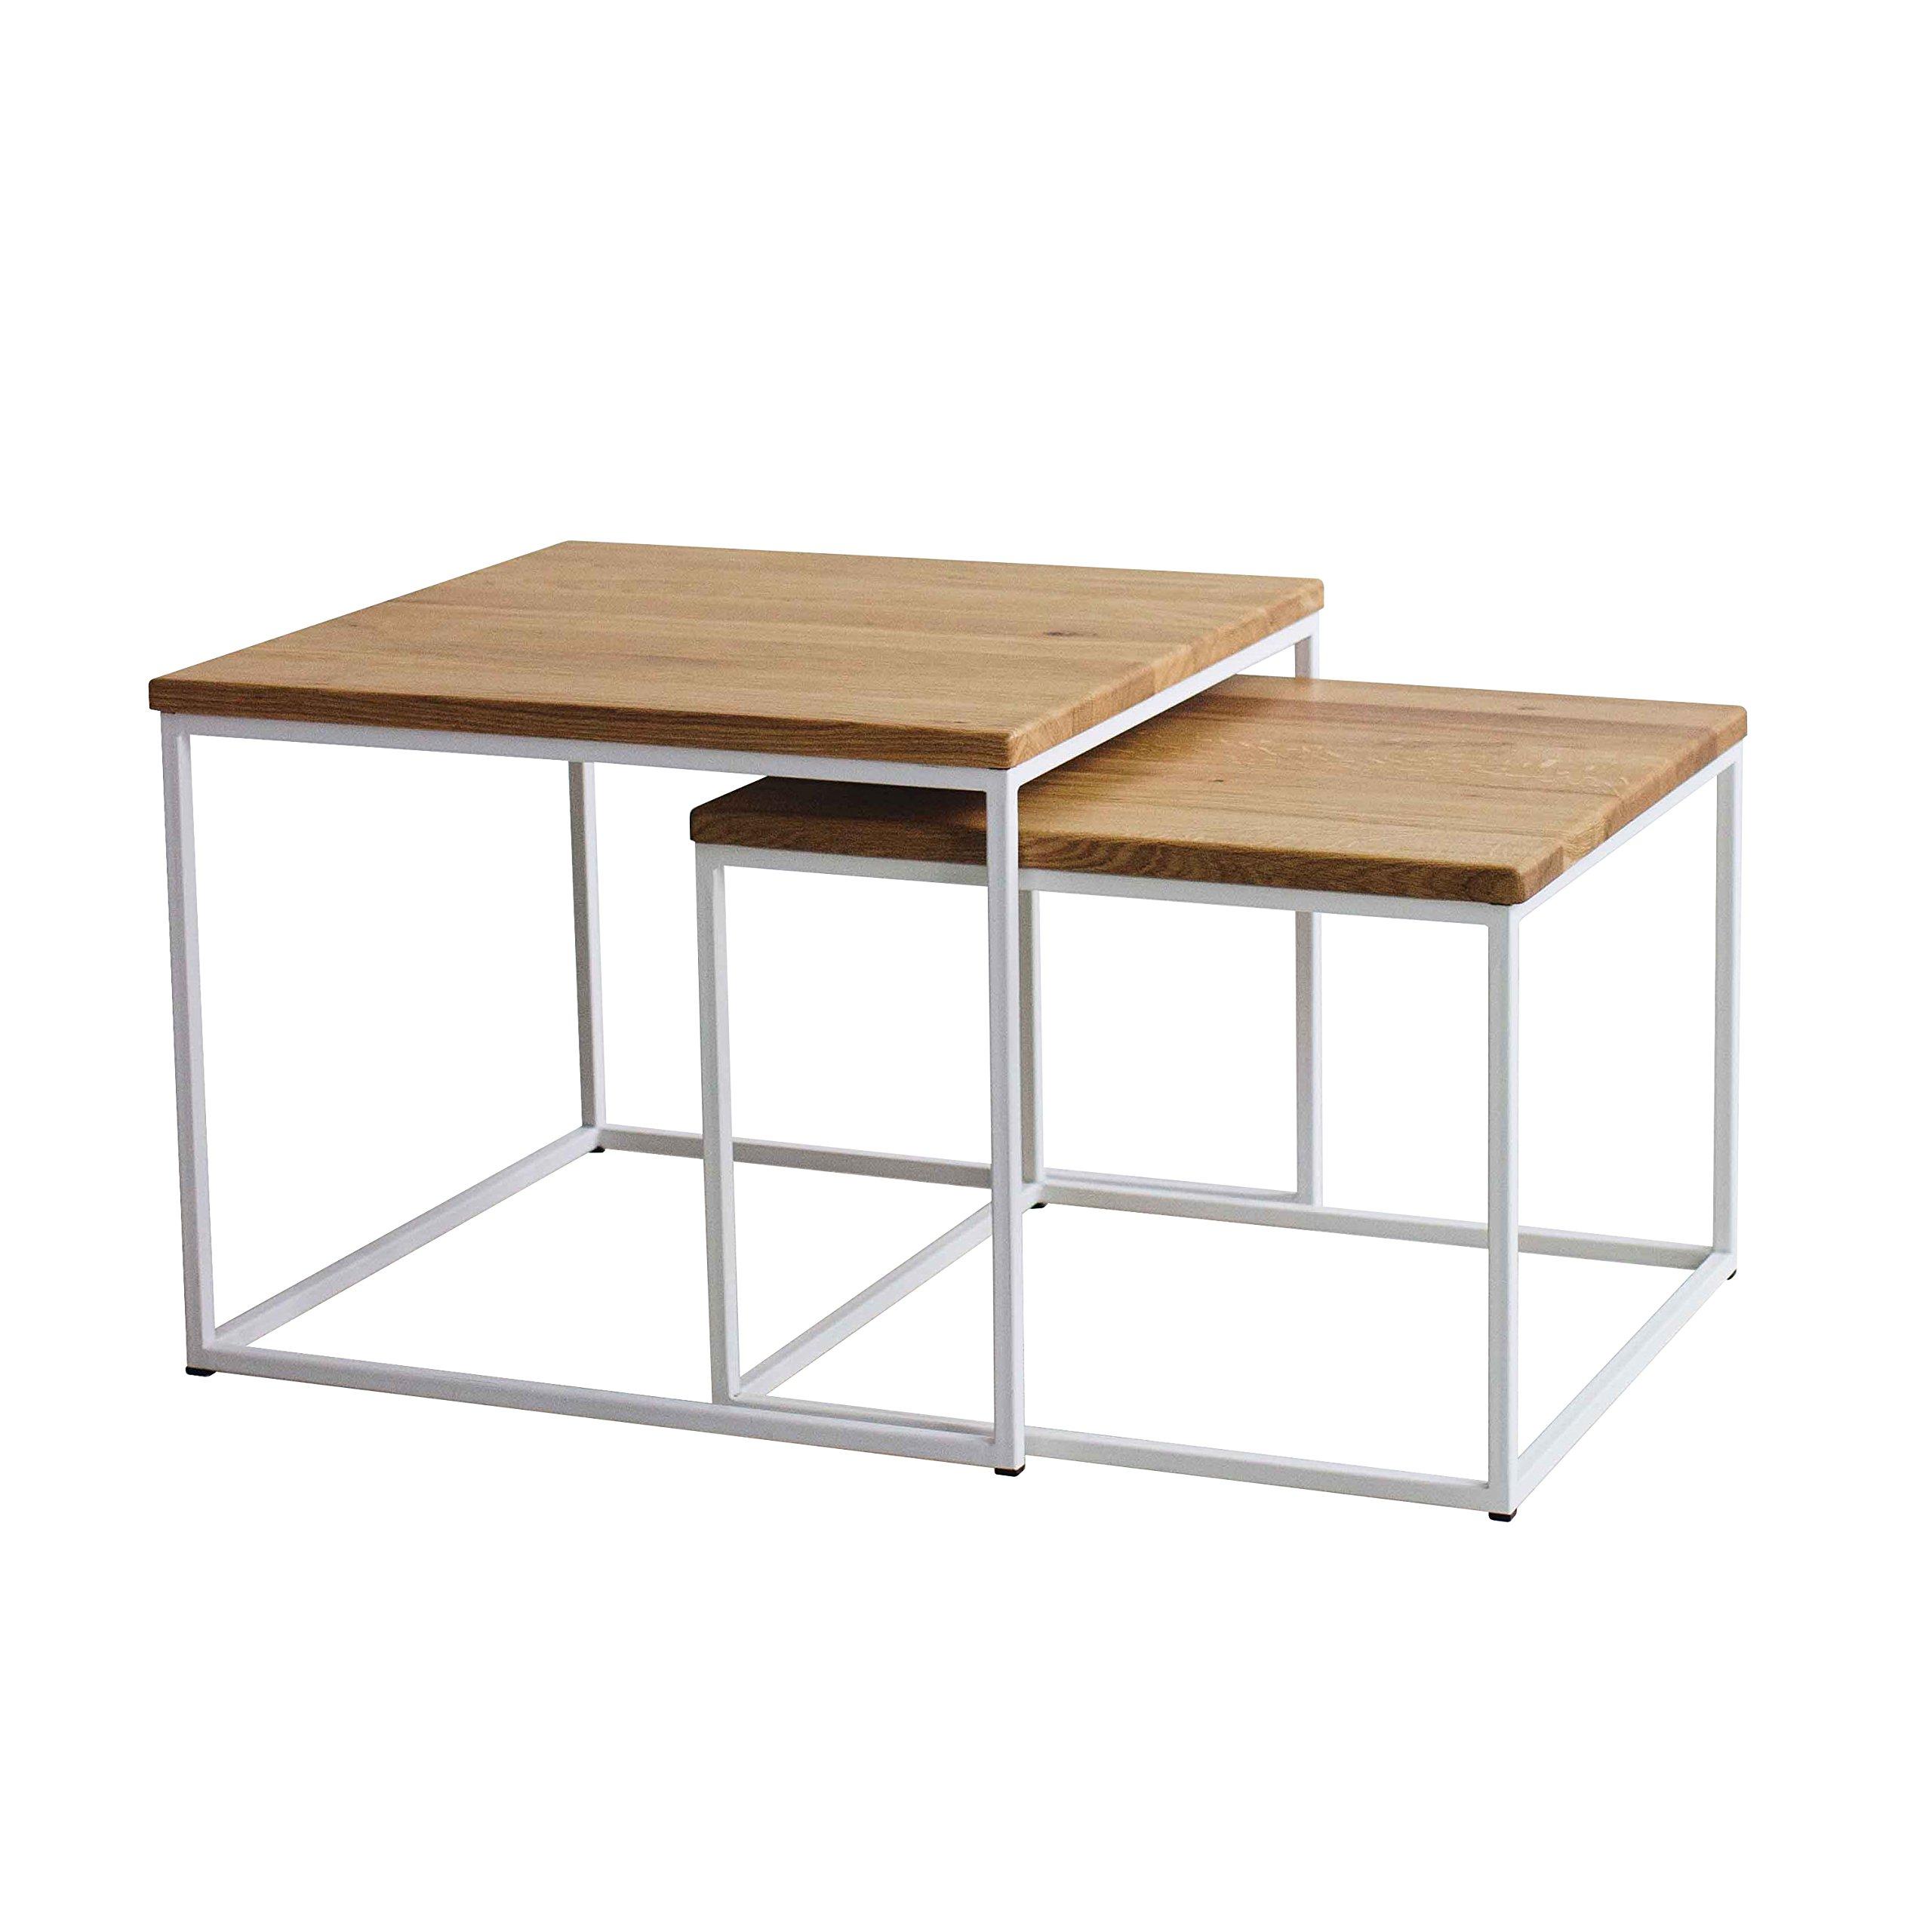 Original BestLoft®2er Set Couchtisch (MWH) Eiche Metall Beistelltisch  Industiedesign Loft Vintage Sofatisch Massiv Holz (Eiche Natur + Gestell In  Weiß)